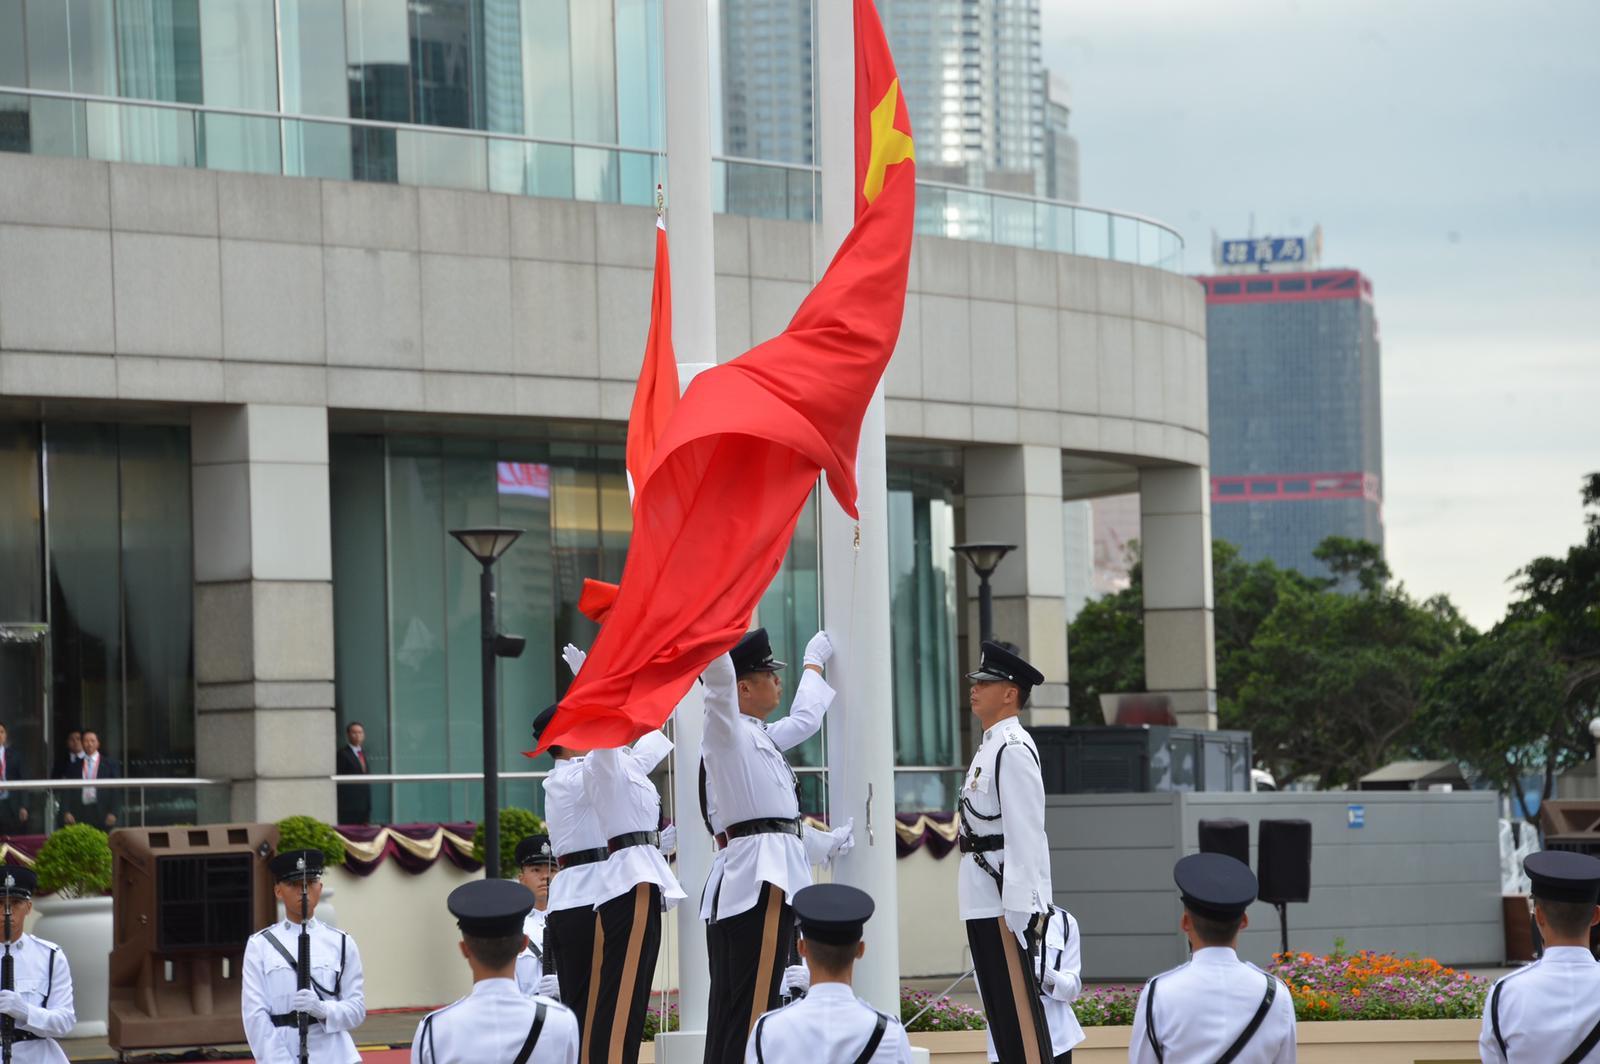 升旗儀式取消。資料圖片